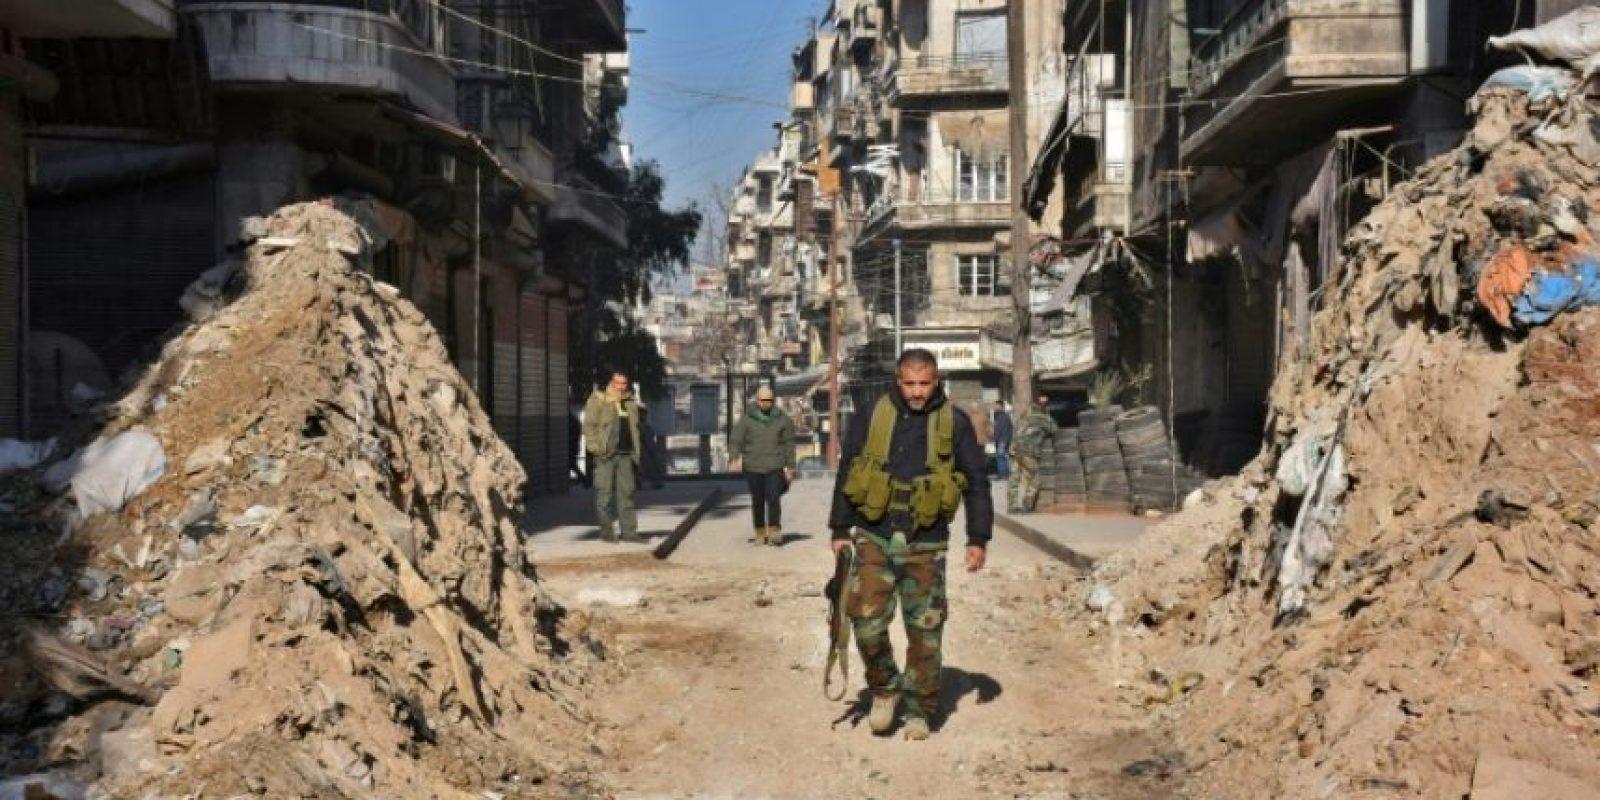 Fuerzas sirias progubernamentales caminan a través de una barricada en Alepo el 9 de diciembre de 2016 Foto:George Ourfalian/afp.com